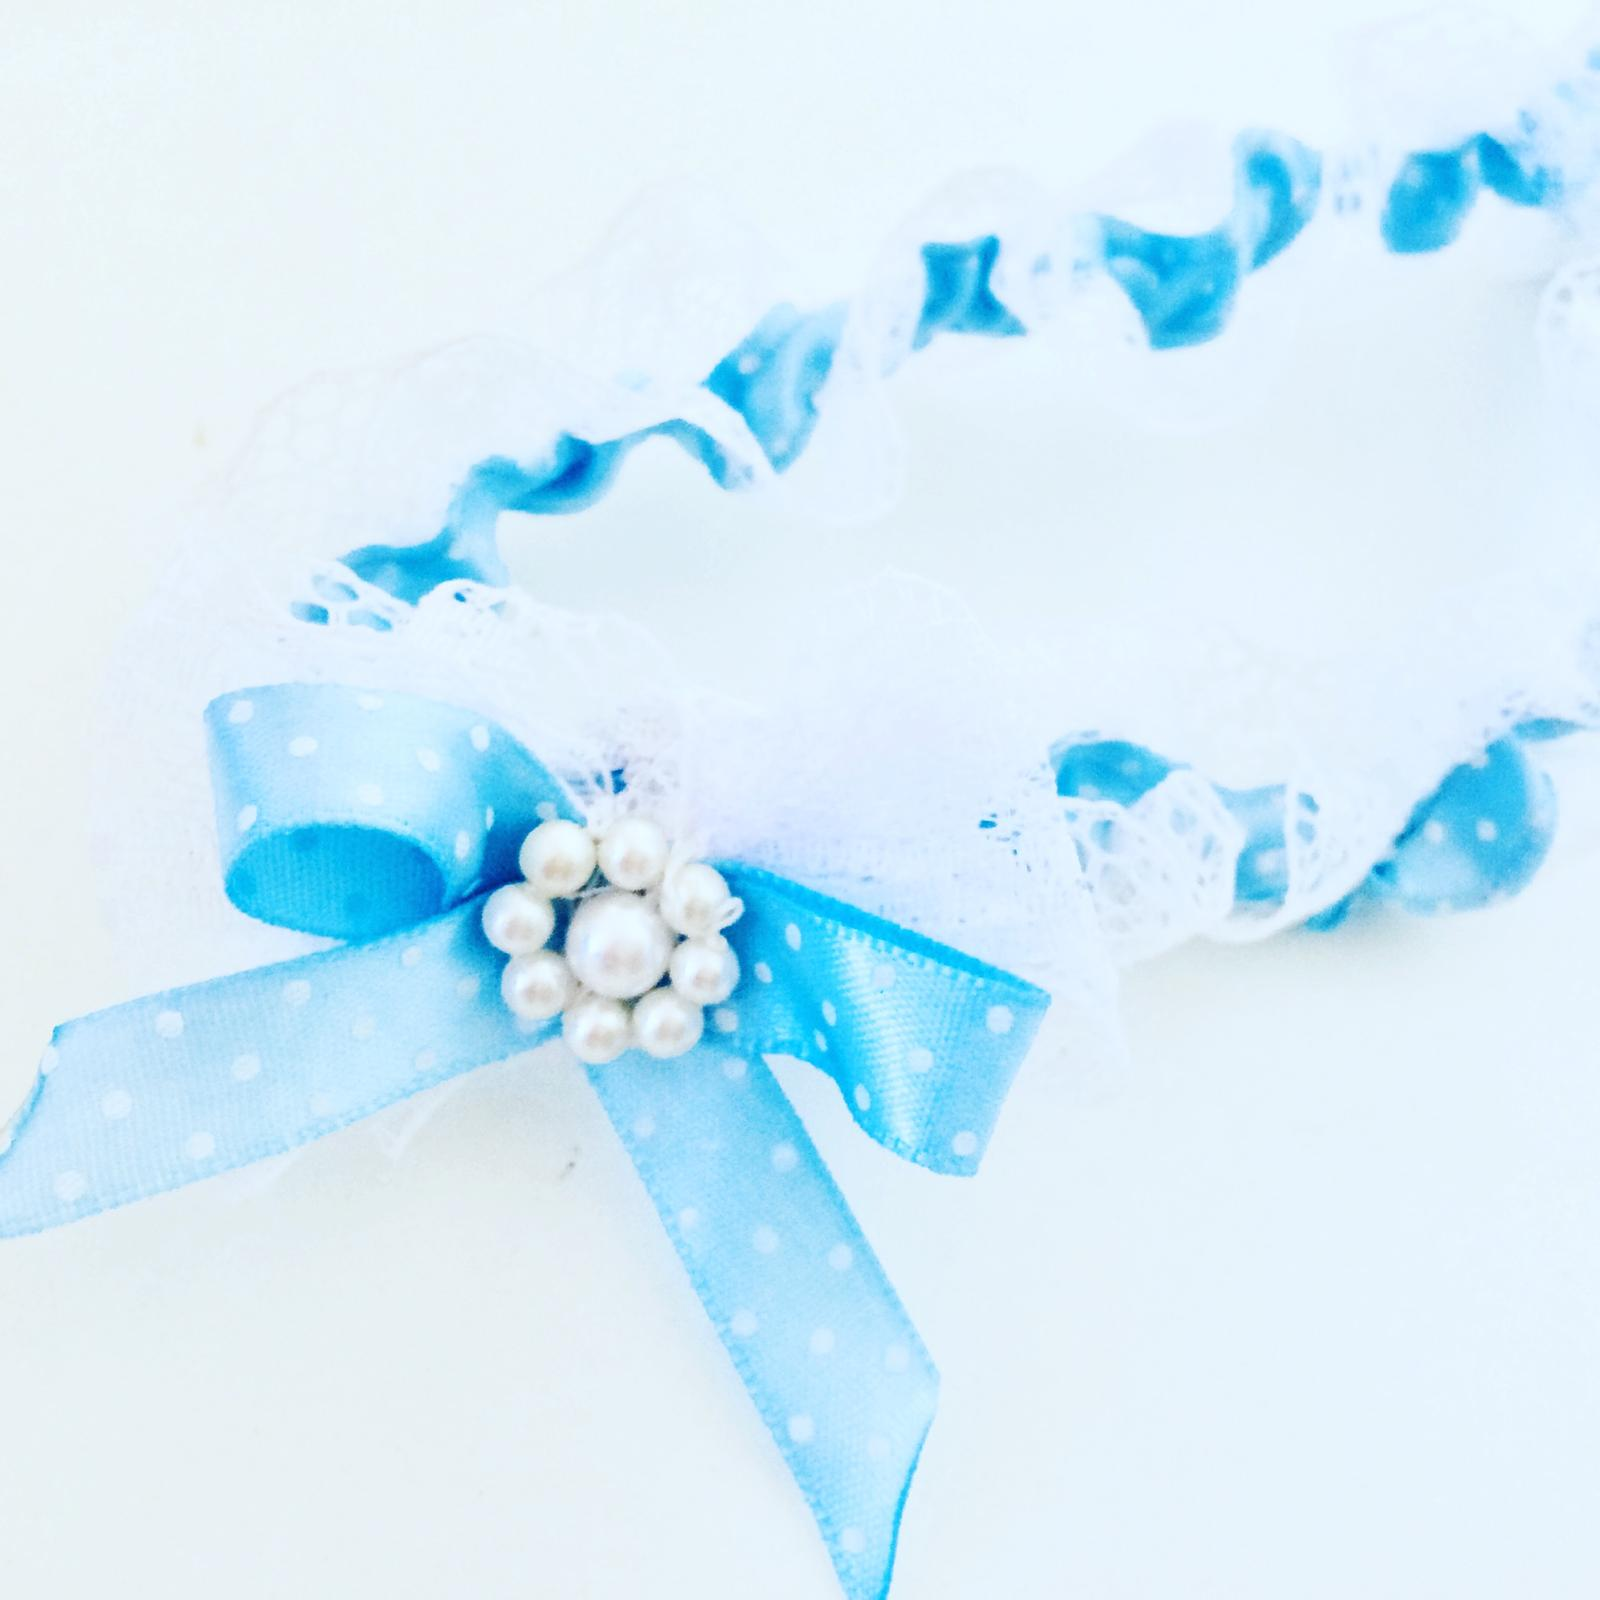 Podvazky na zakázku podle přání - 190kč - (modrý s bílou krajkou) Možno v různých barvách a obvod dle požadavku - na gumičku